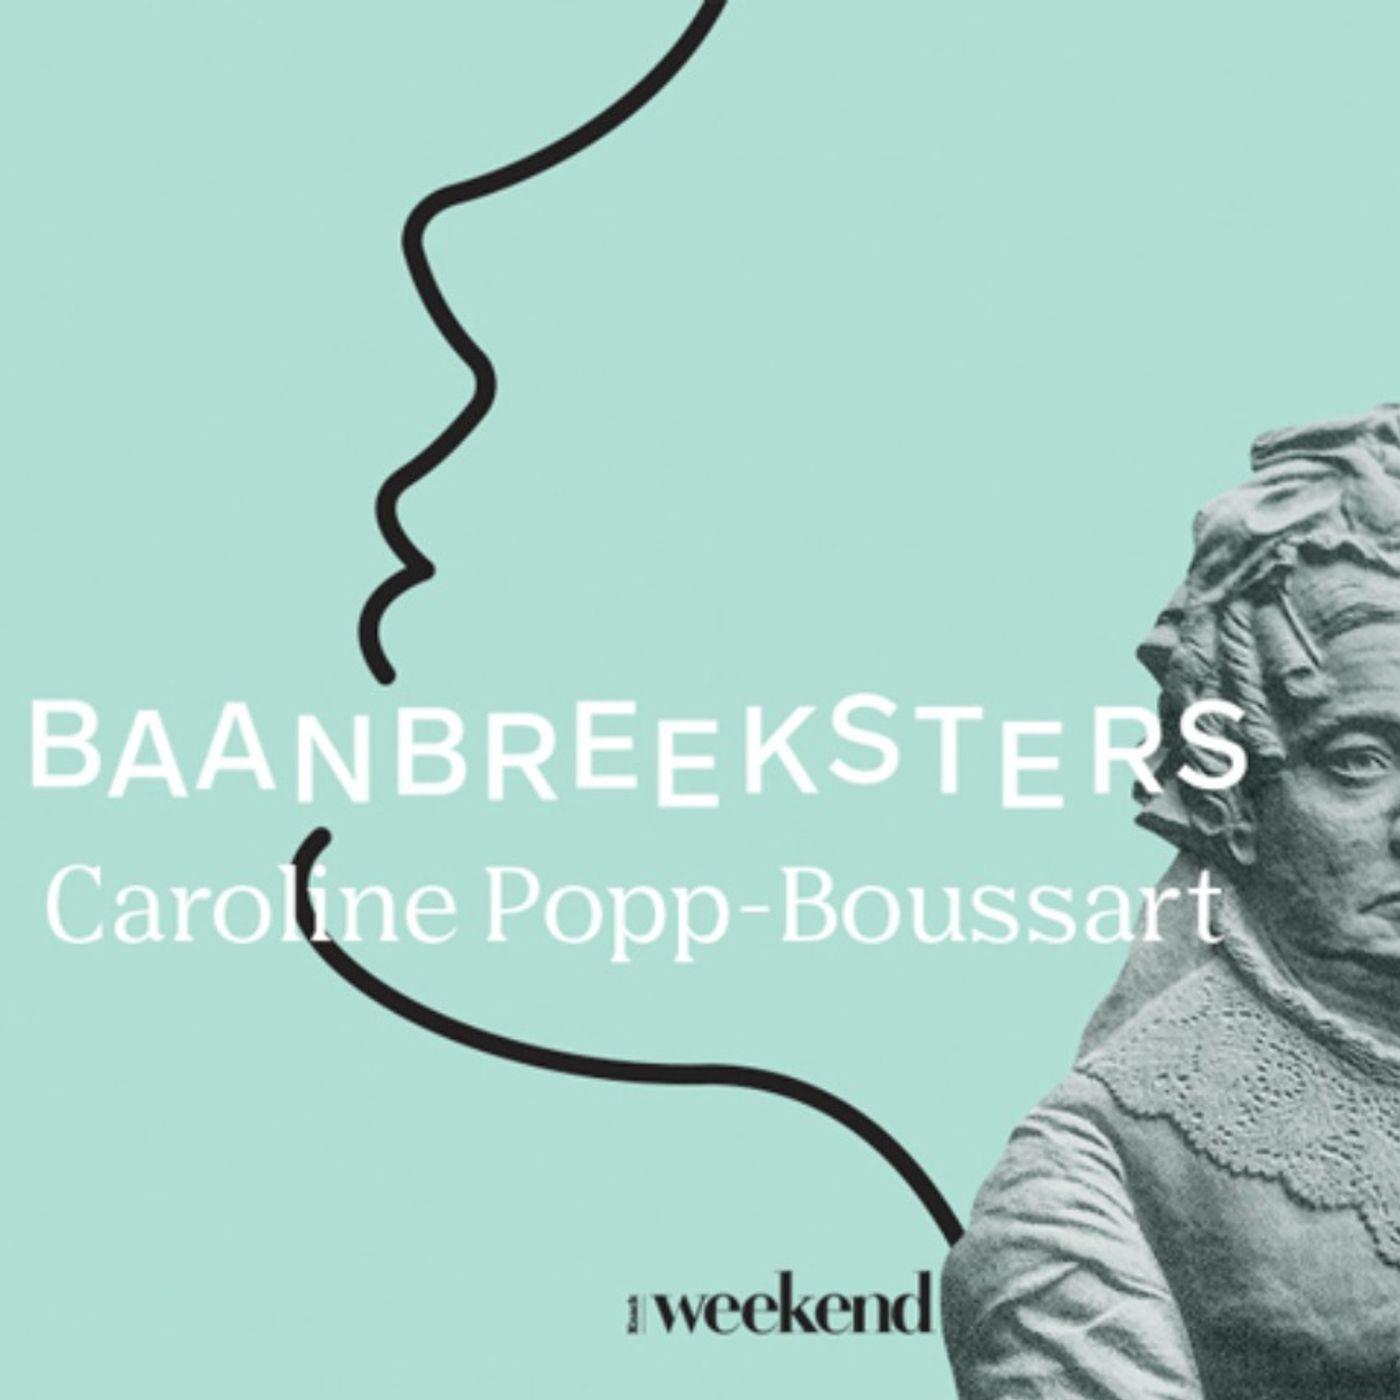 #6 Caroline Popp: de eerste Belgische journaliste en de eerste vrouw die bij ons aan het hoofd stond van een krant